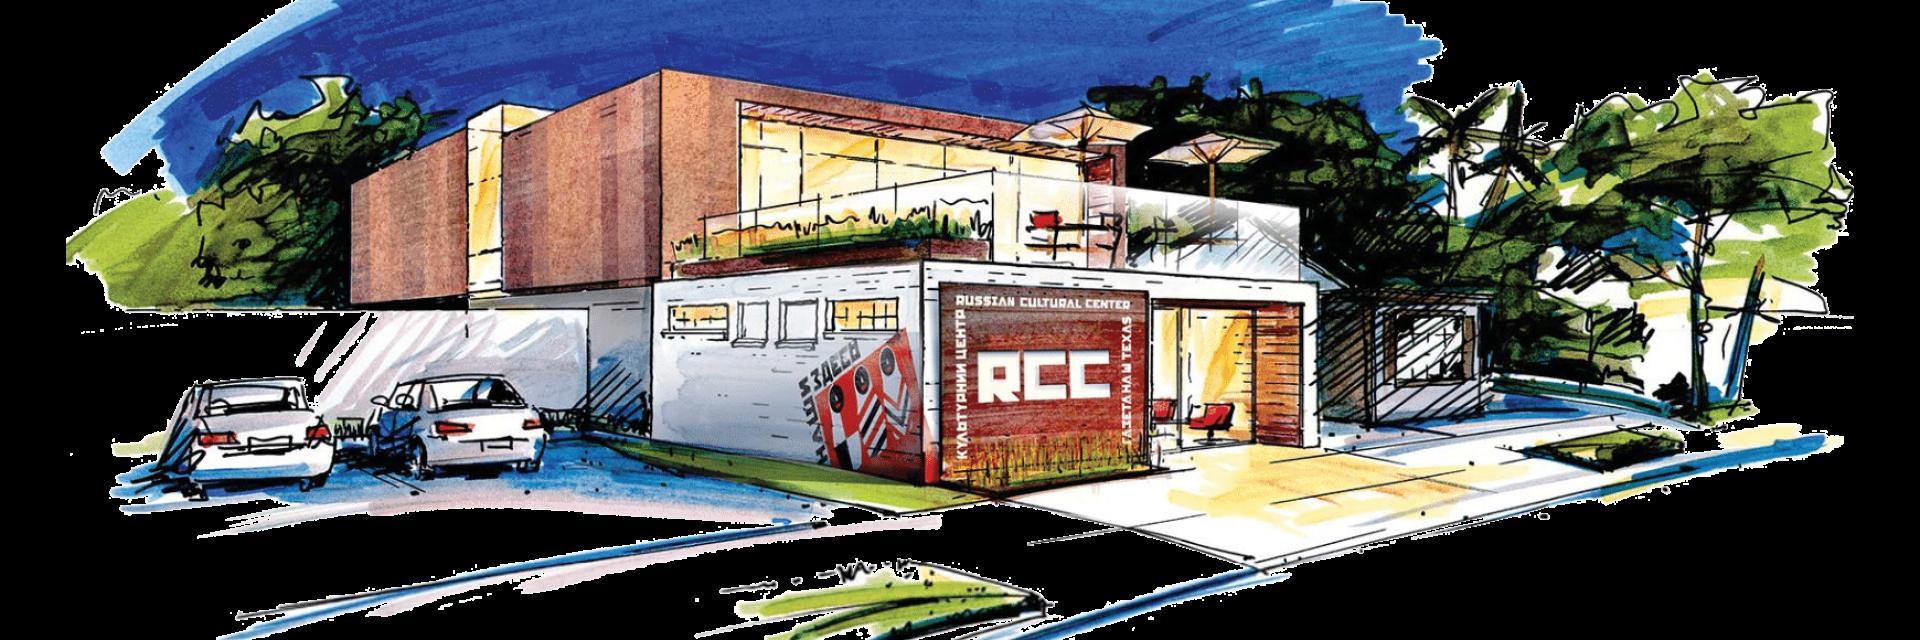 RCC_02-1